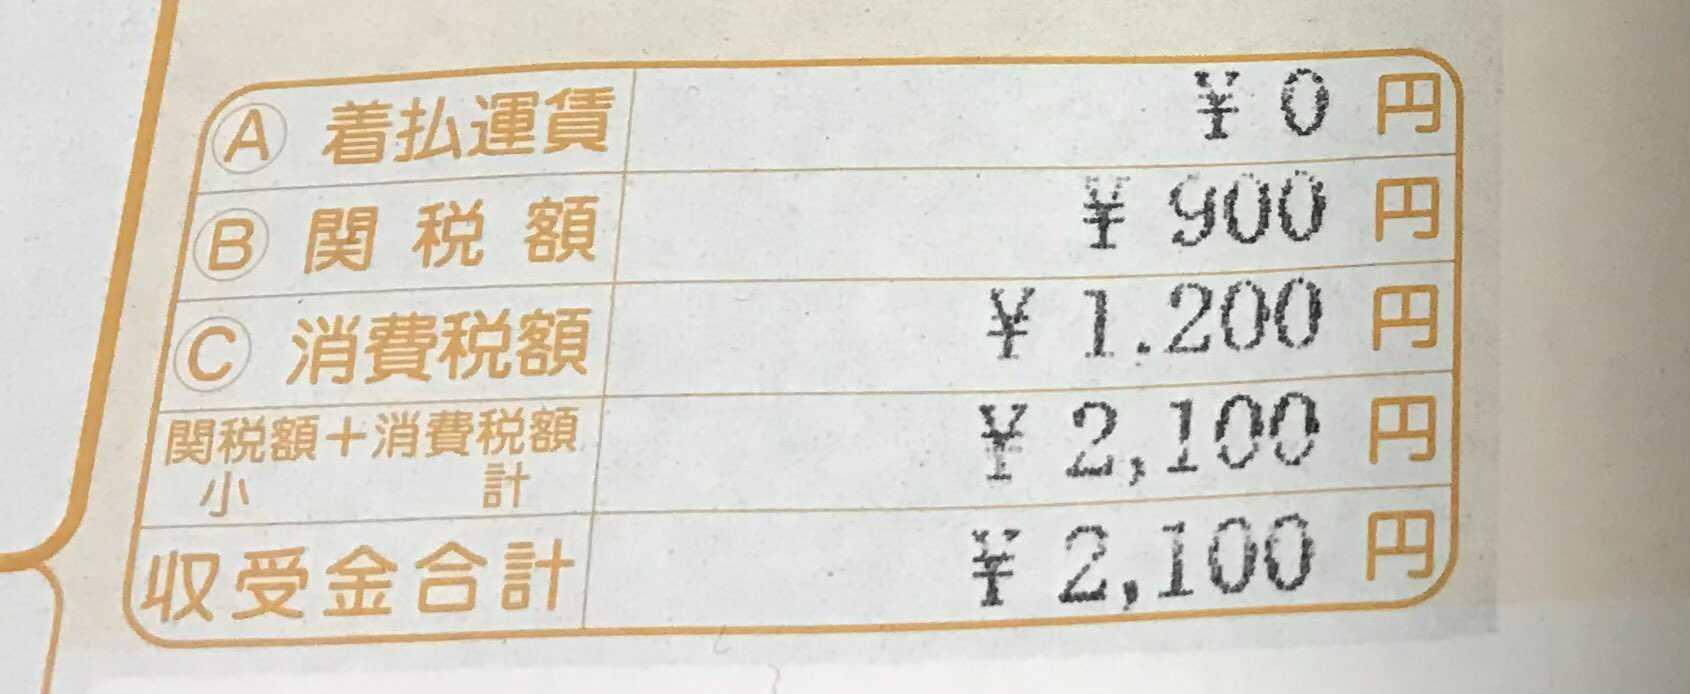 1月6日成立で今日到着!! 関税+消費税が2,100円 21,500円でオフ